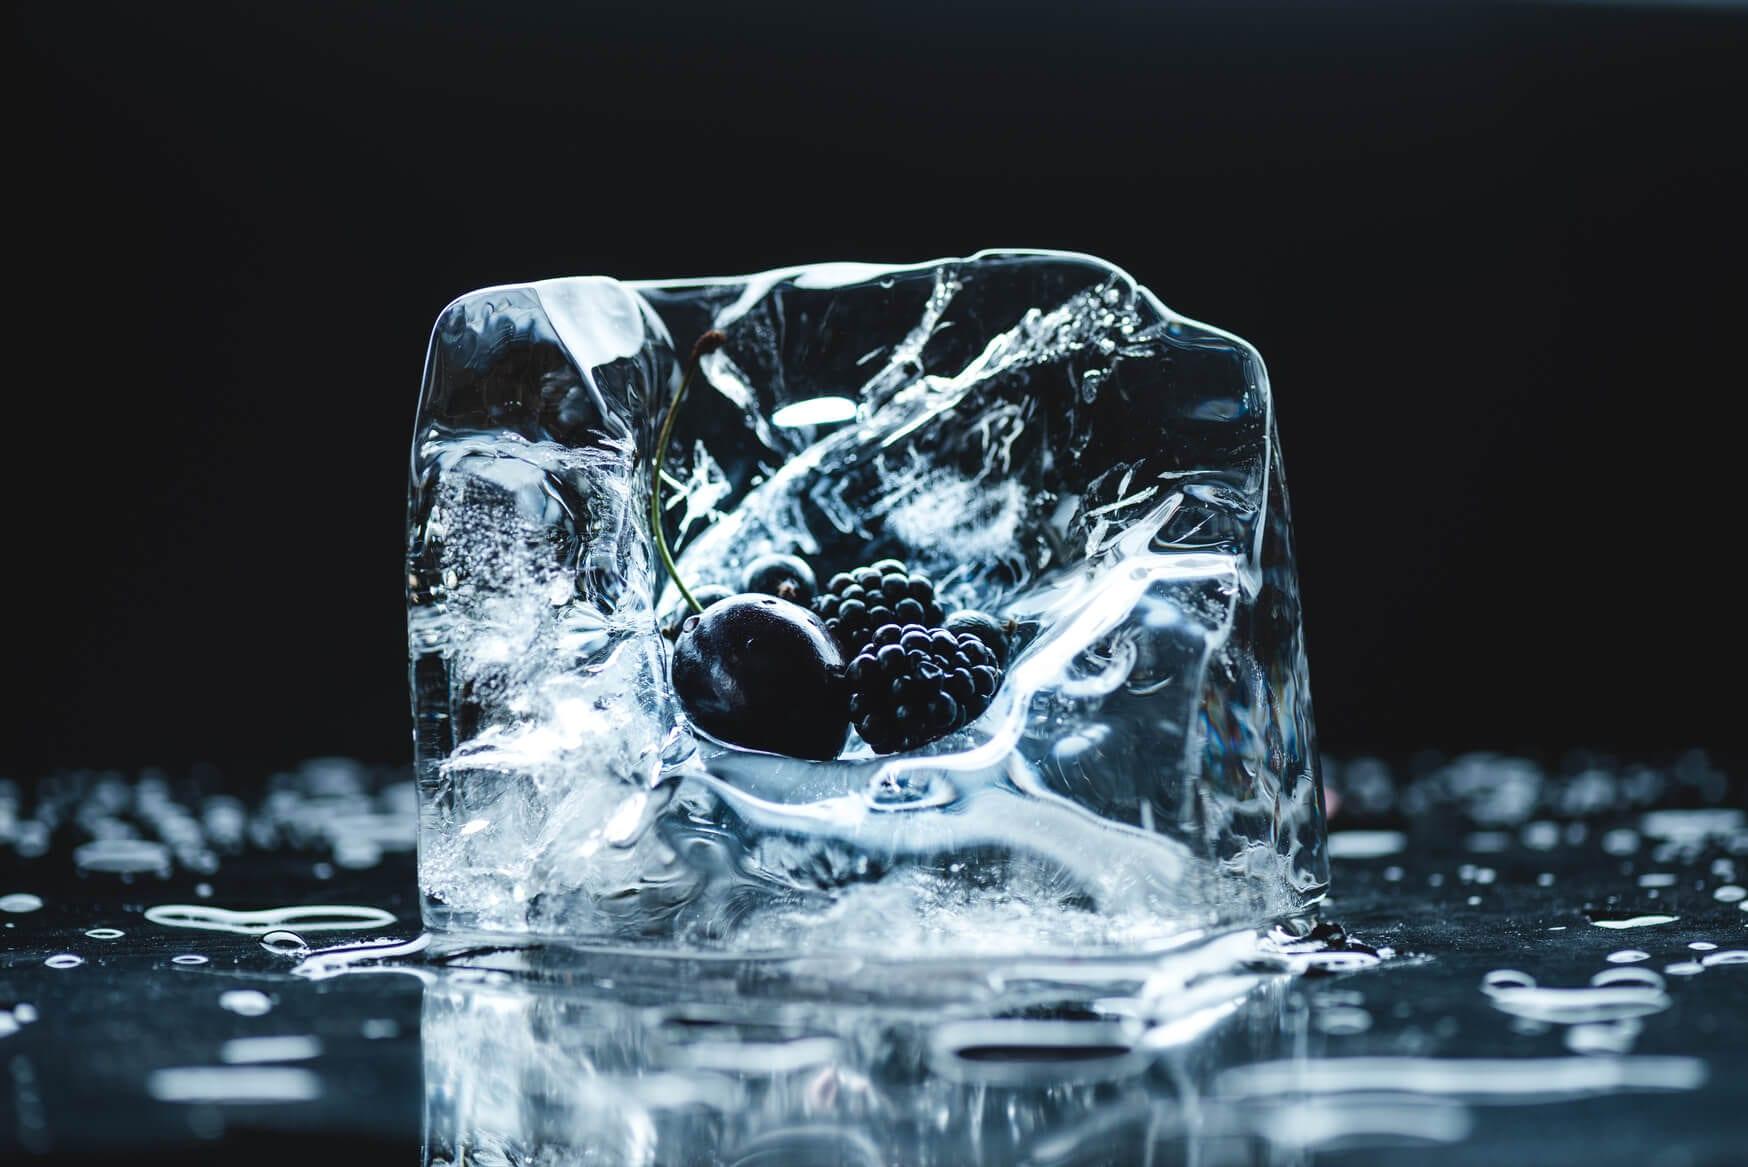 Aeg Santo Kühlschrank Ohne Gefrierfach Bedienungsanleitung : Gefrierfach abtauen und enteisen so geht es am schnellsten